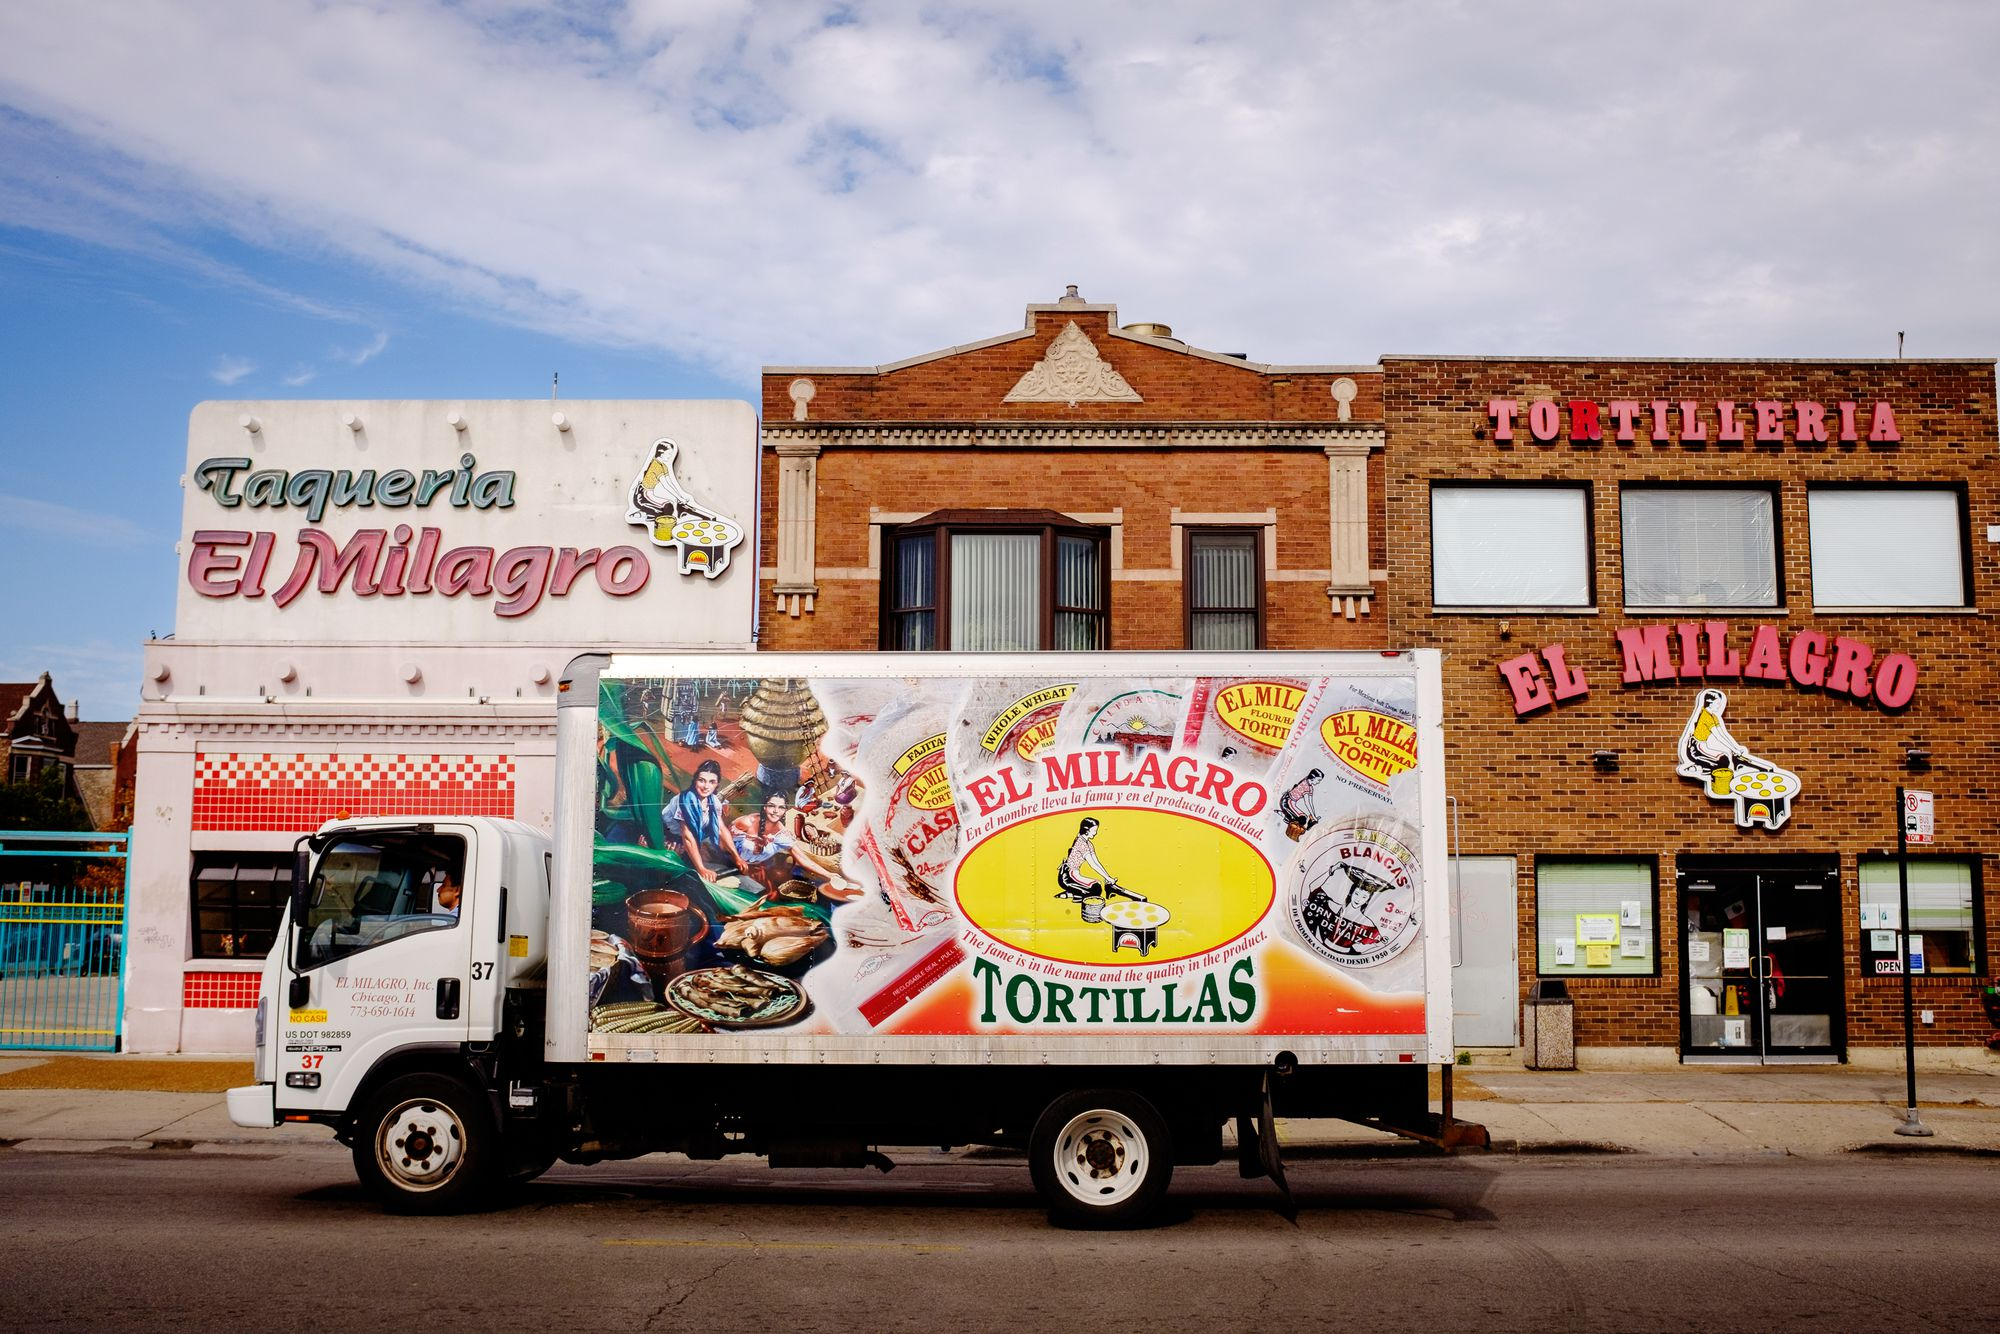 A tortilla truck parked on a street.